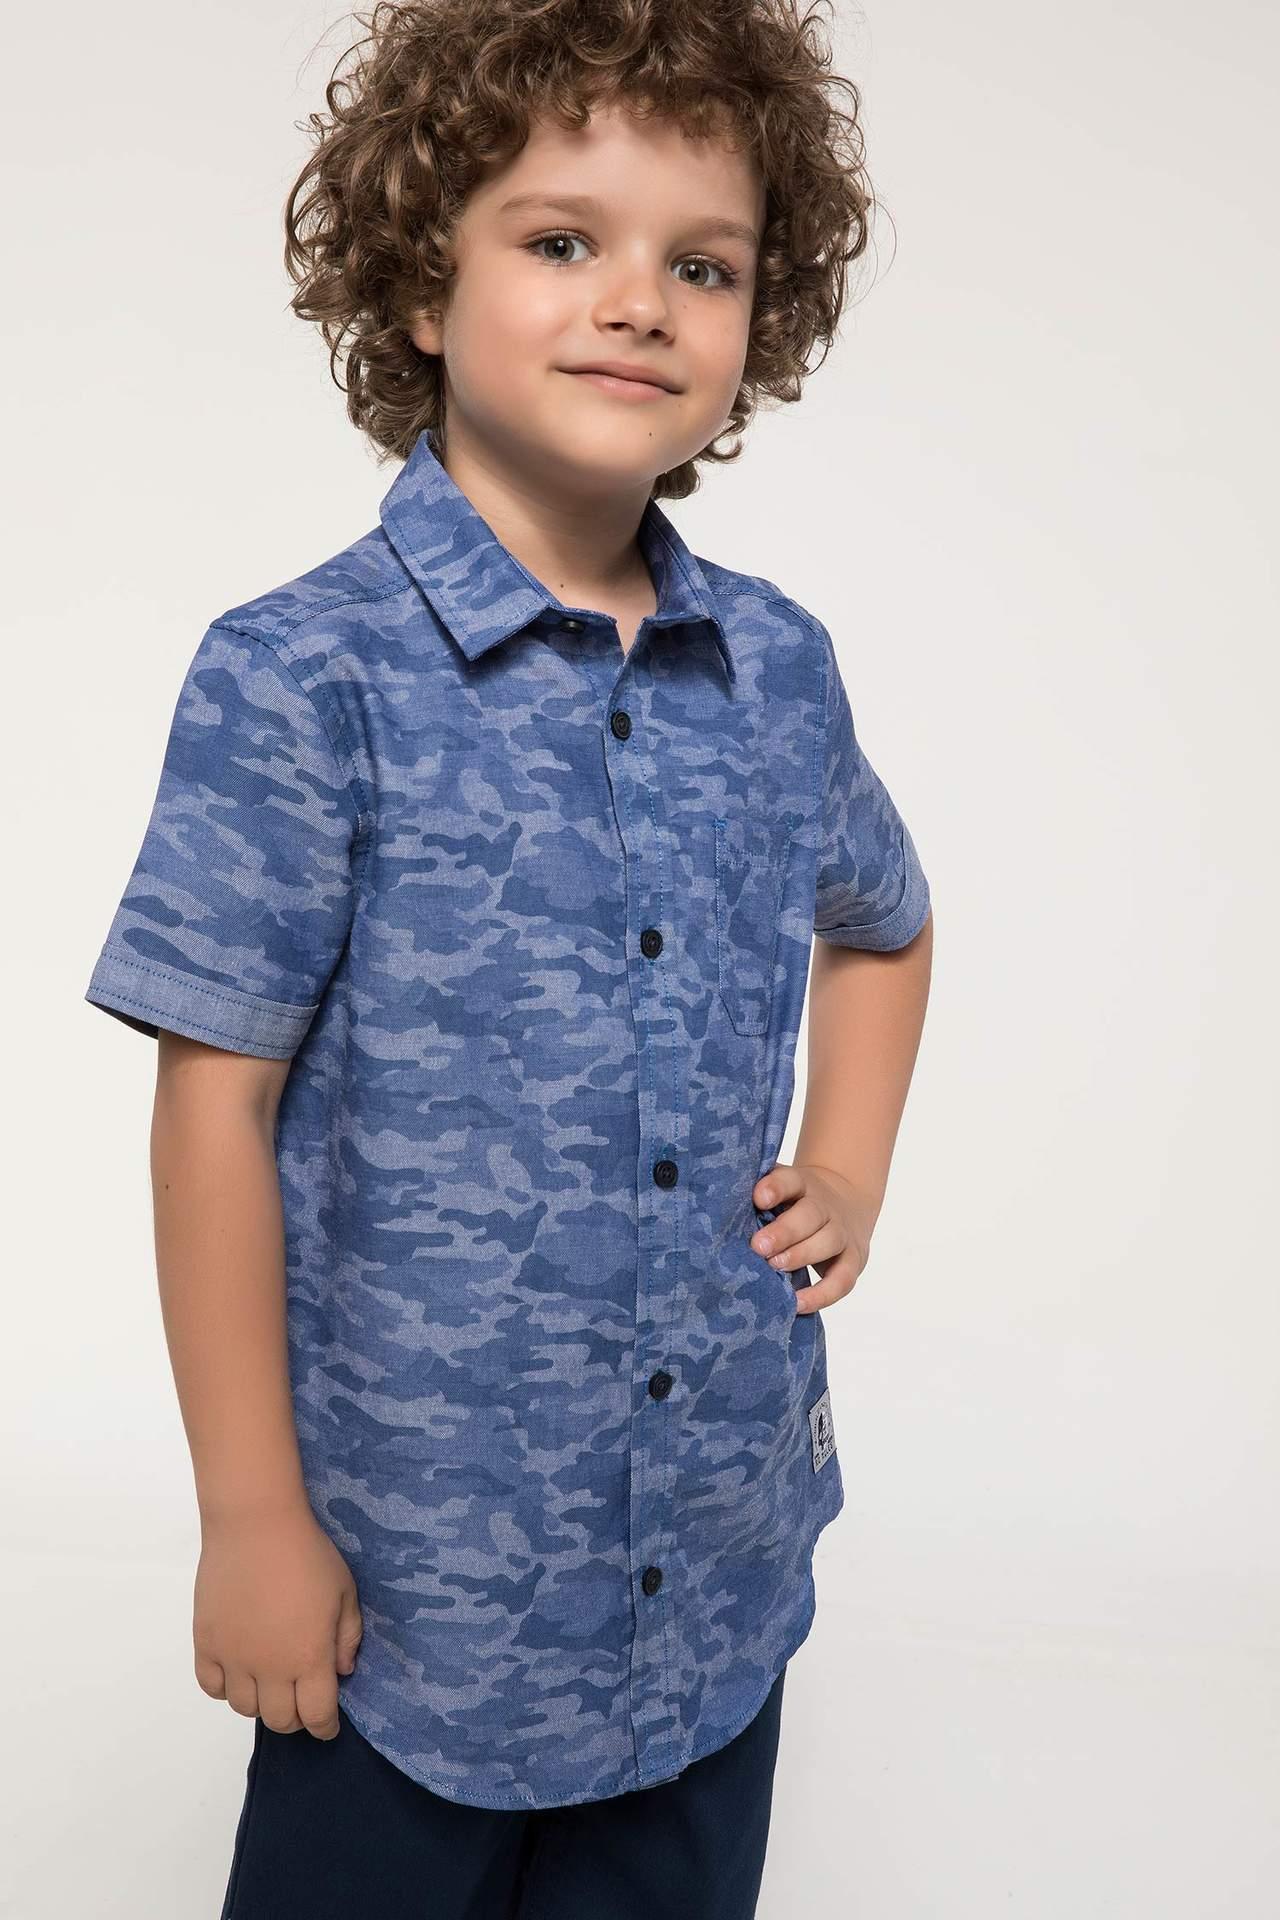 DeFacto Erkek Çocuk Kamuflaj Desenli Tek Cep Detaylı Kısa Kollu Gömlek Mavi male